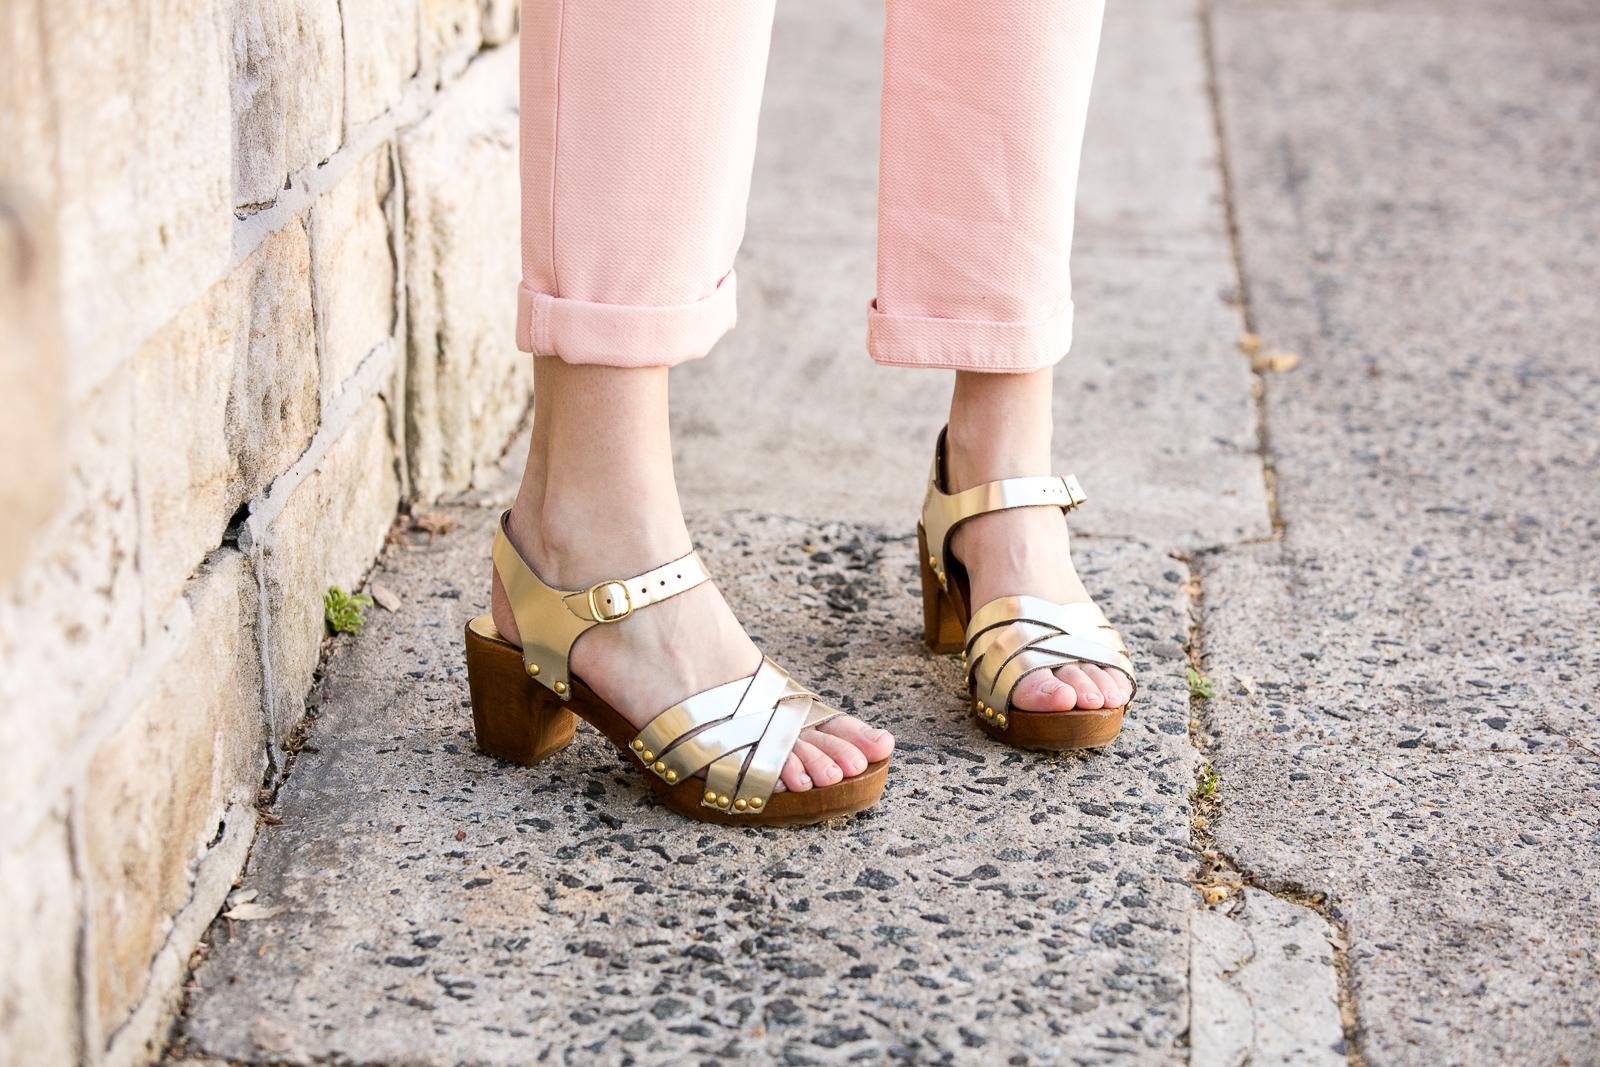 Бренд Art Peaux шьет обувь высочайшего качества по индивидуальным заказам.